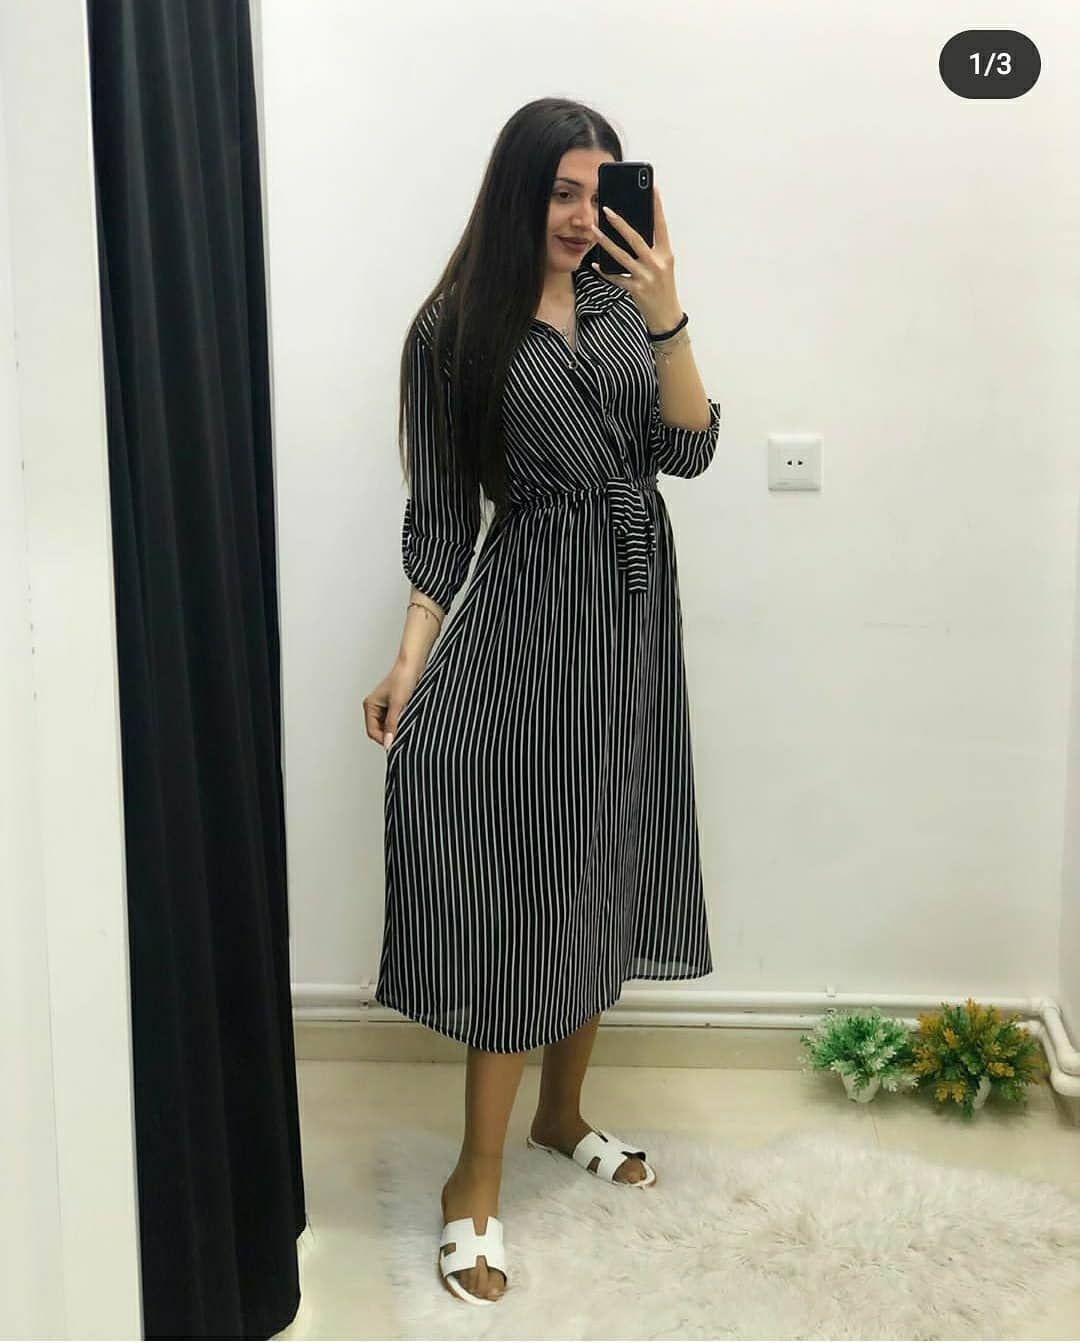 Onlinealishverish Geyimler Paltarlar Fashion Evdekal Qisgeyimleri Qadingeyimleri Satis Shoppingonline Geyim Fashion Fashion Blogger Fashion Trends